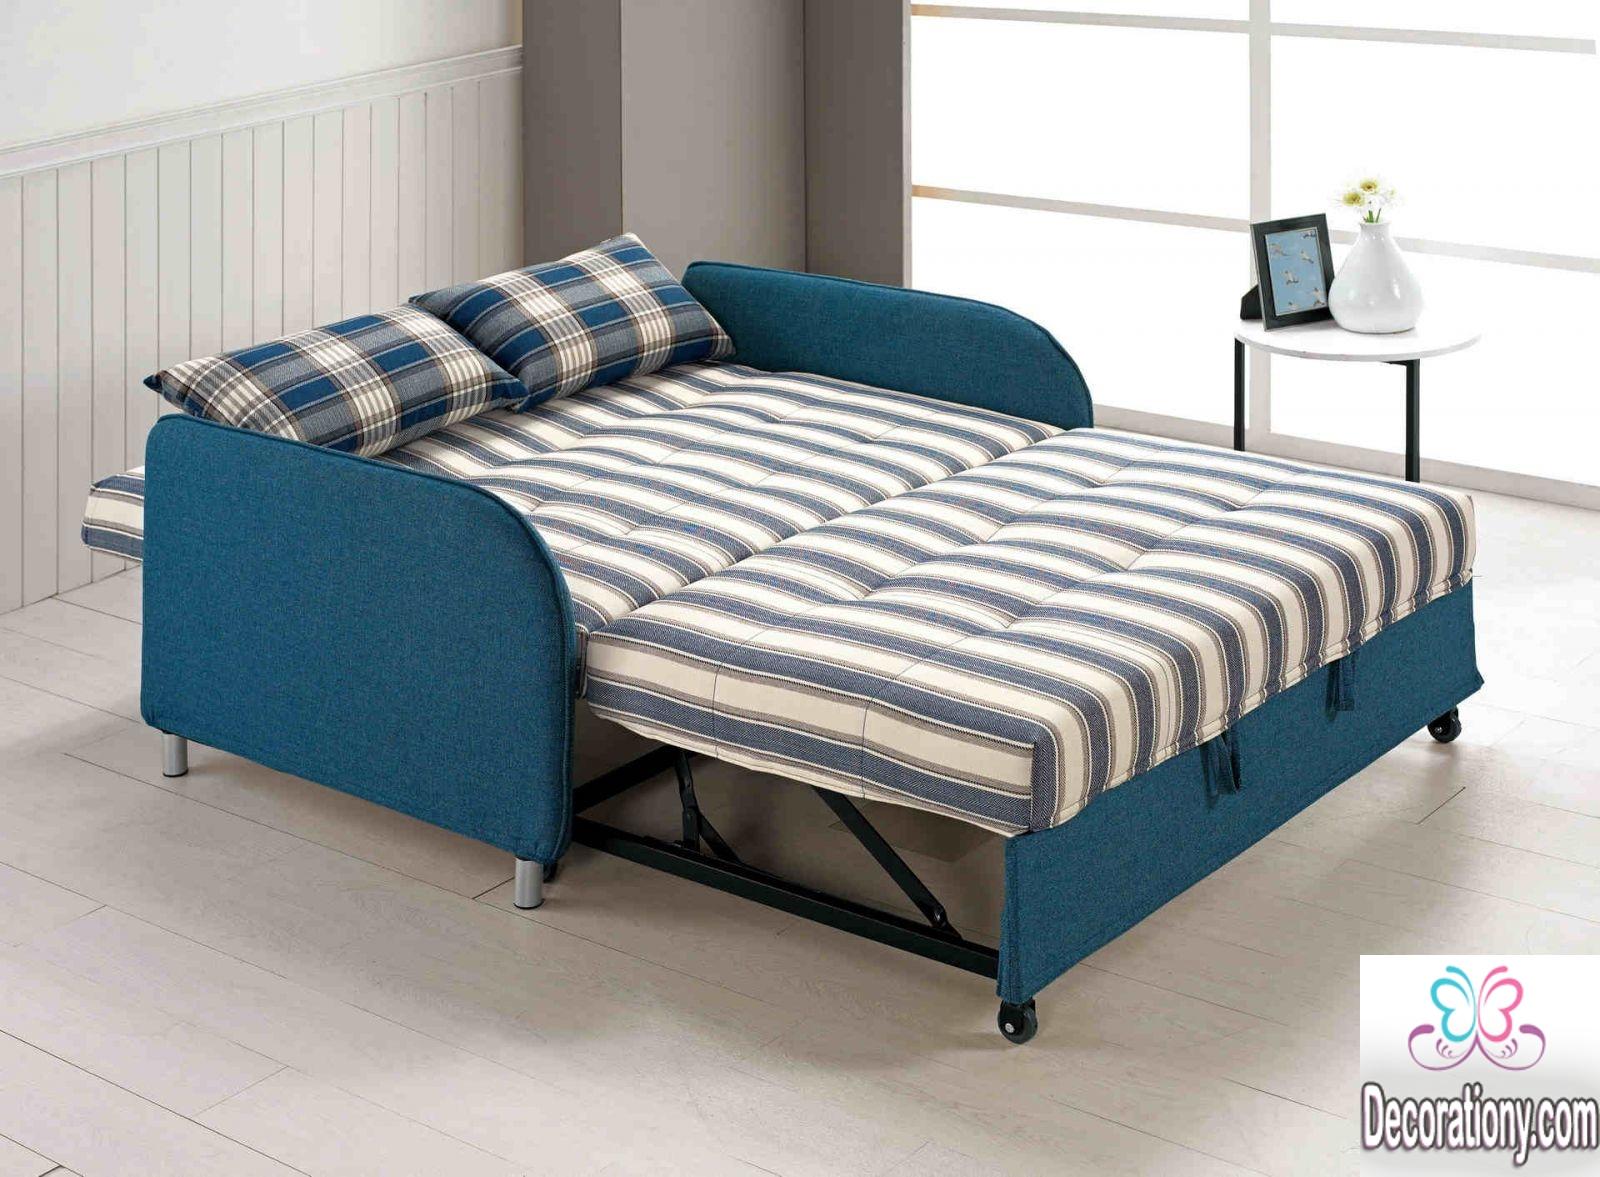 Best Sleeper Sofa Beds Designs & Ideas 2017